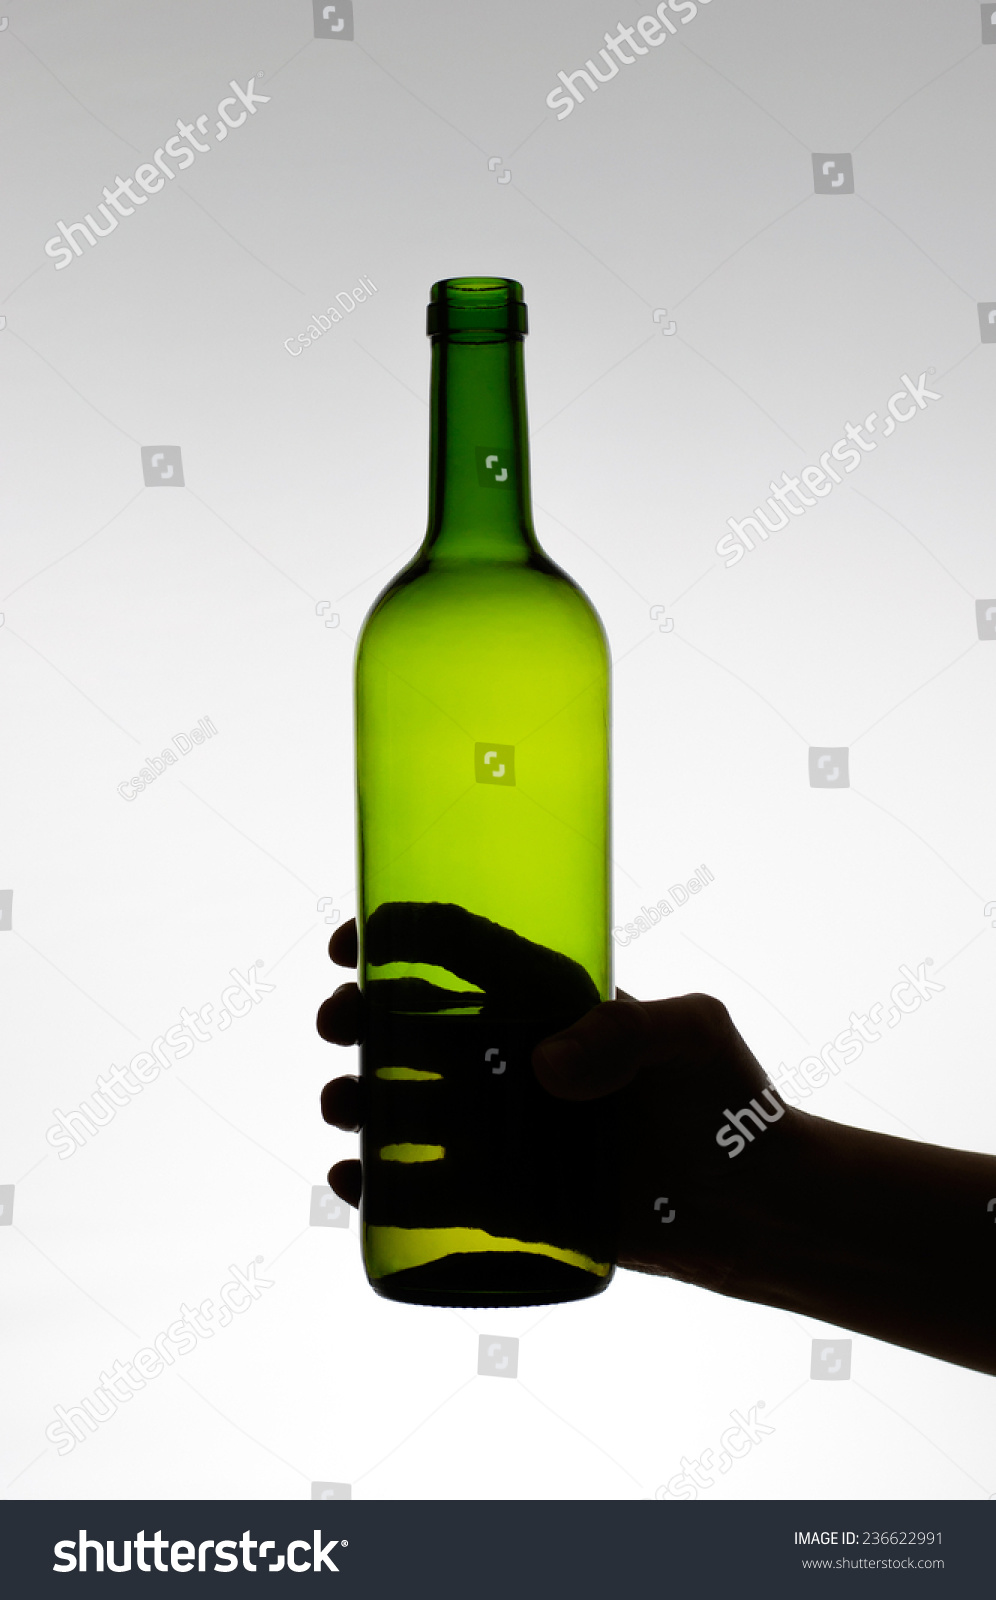 一只手拿着一个绿色的酒瓶的轮廓-食品及饮料,物体-()